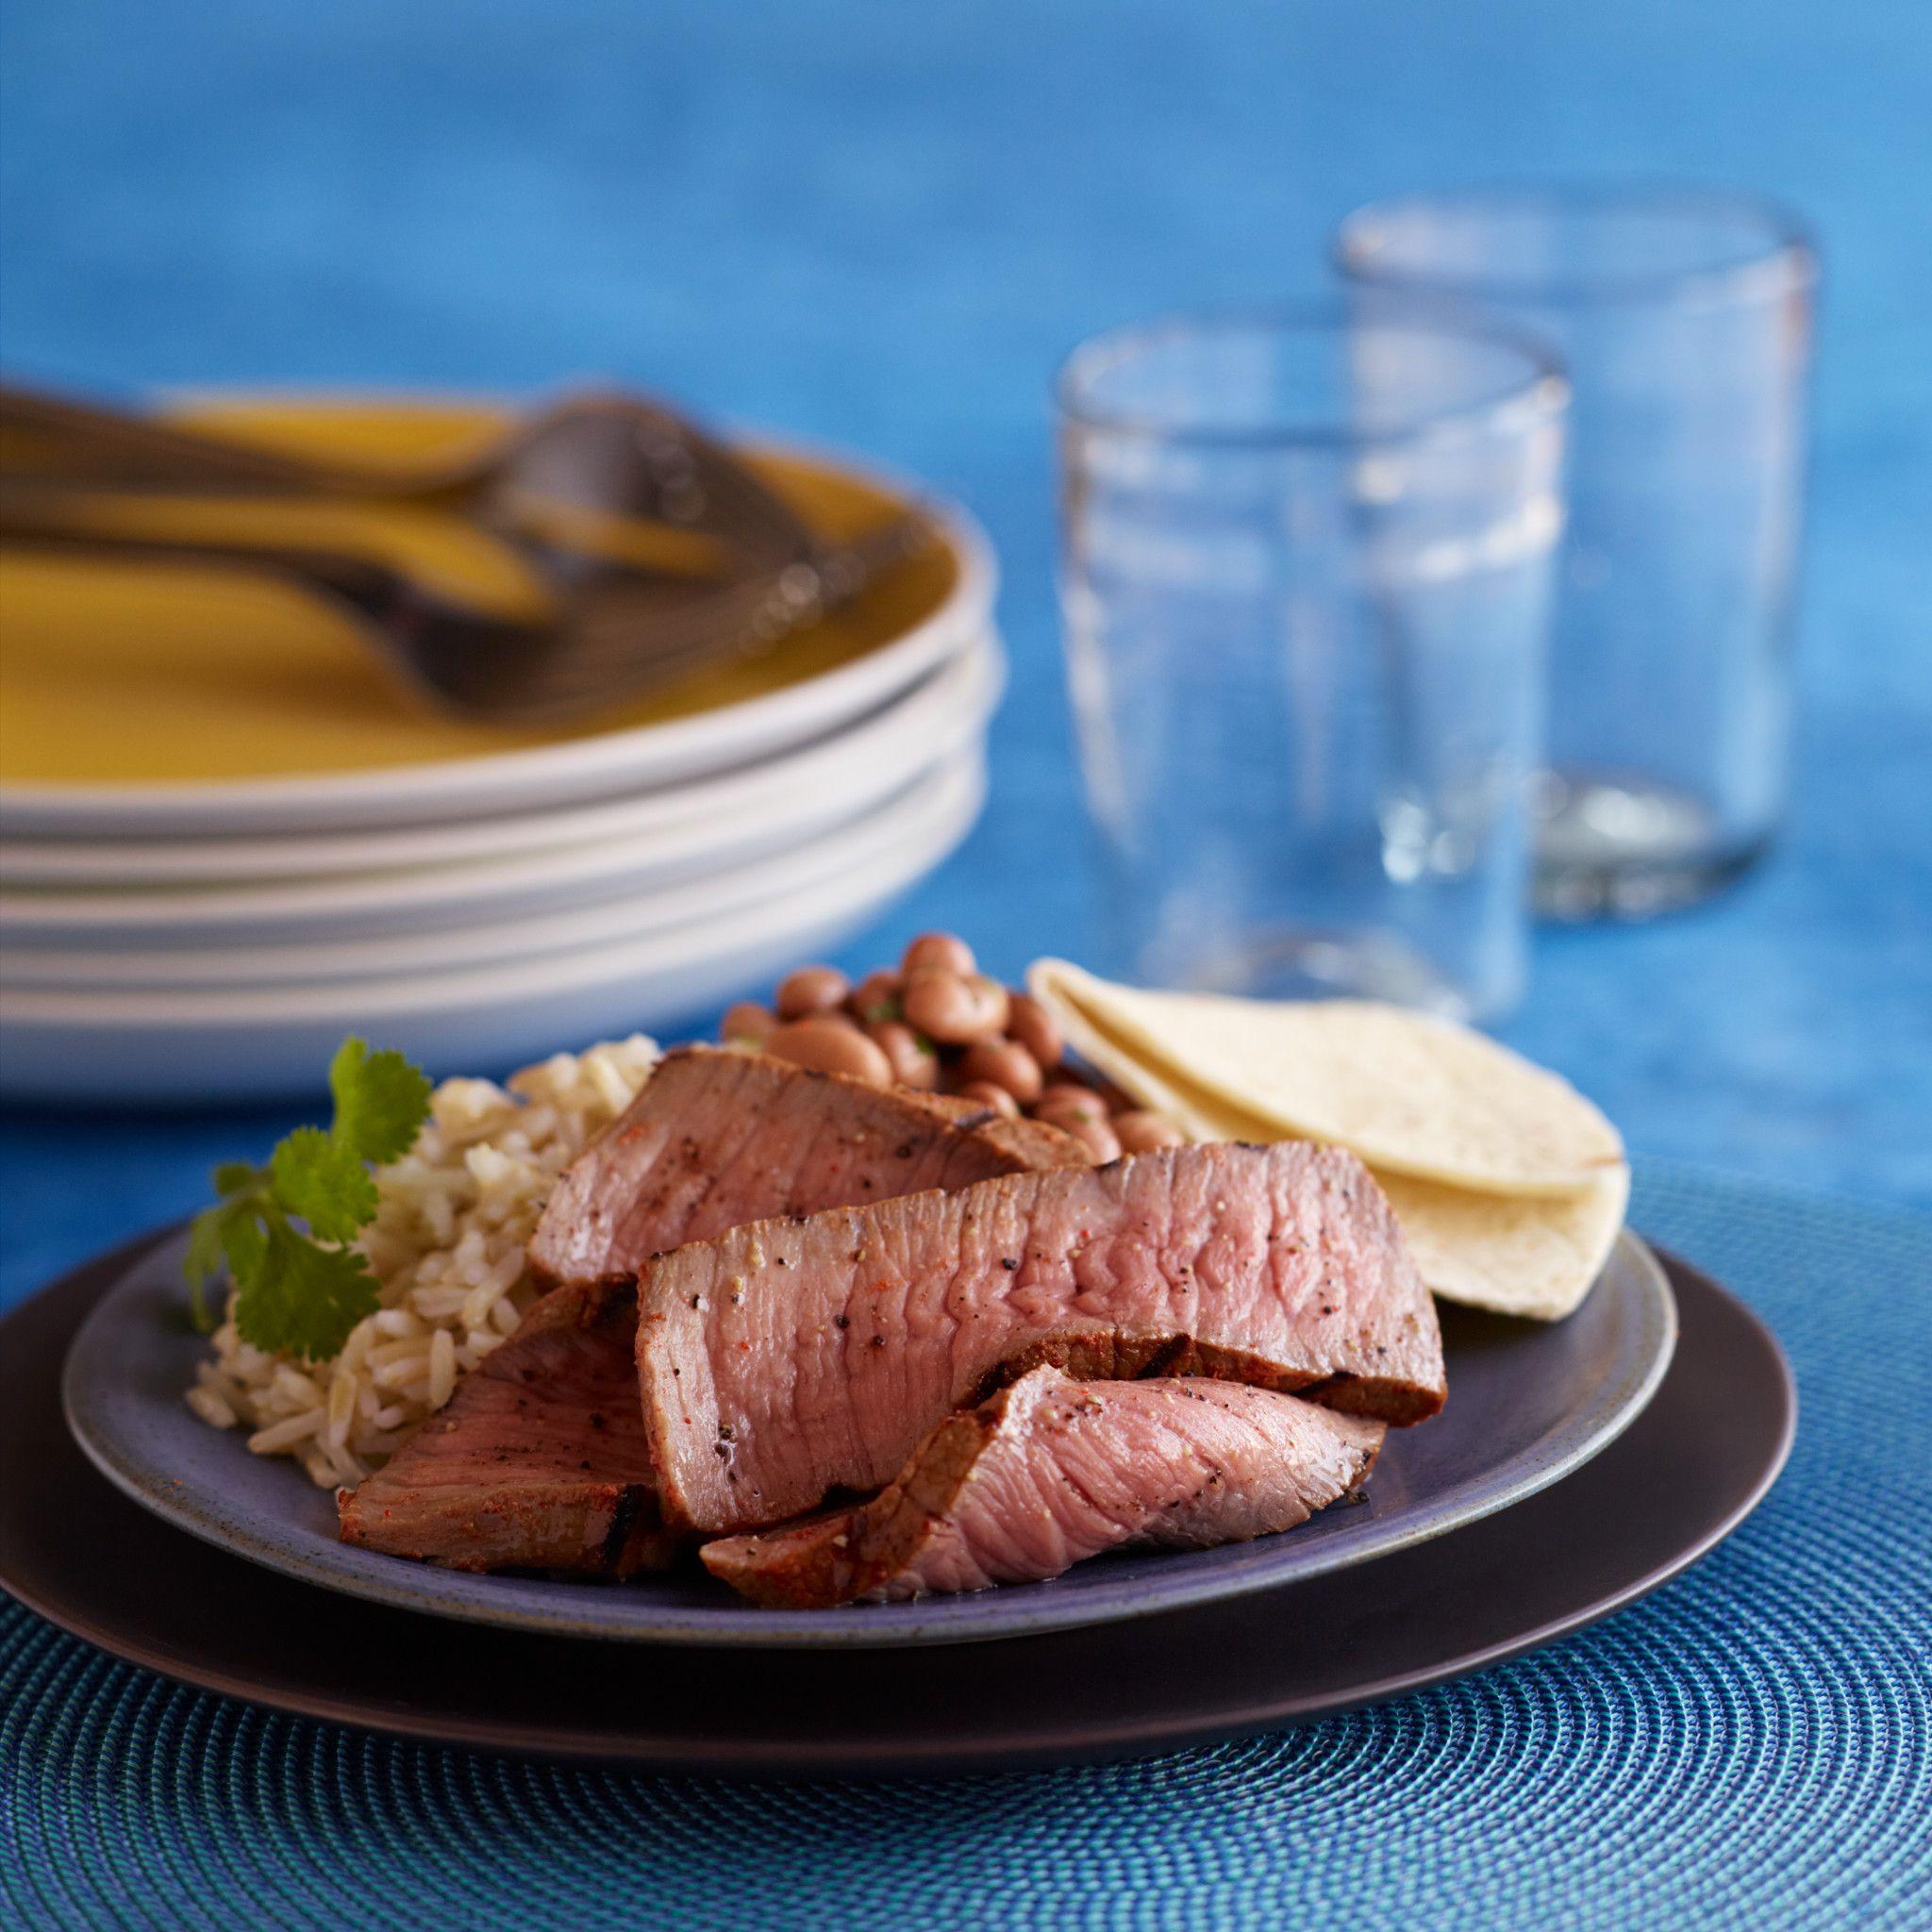 Smoky Yogurt-Marinated Steak